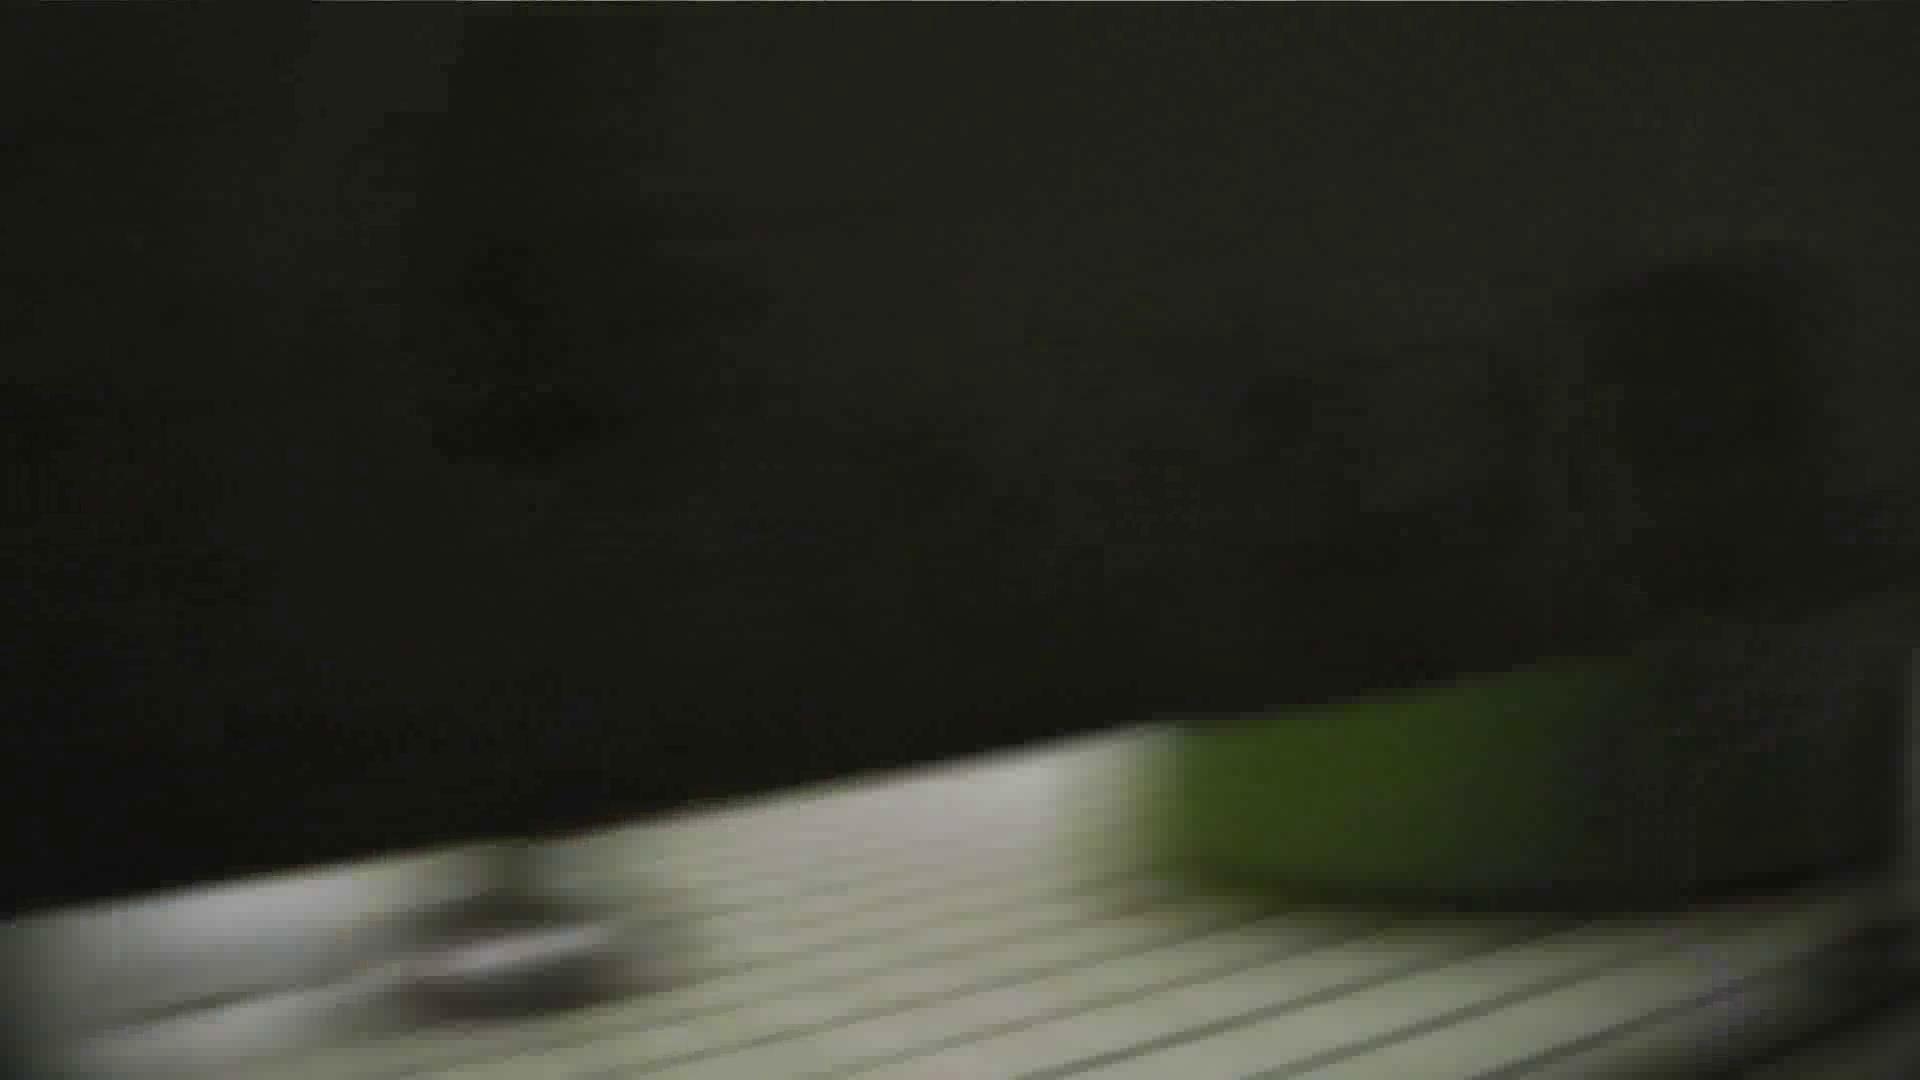 【美しき個室な世界】 vol.018 ピンクのおネエタン 洗面所のぞき | 0  81枚 41